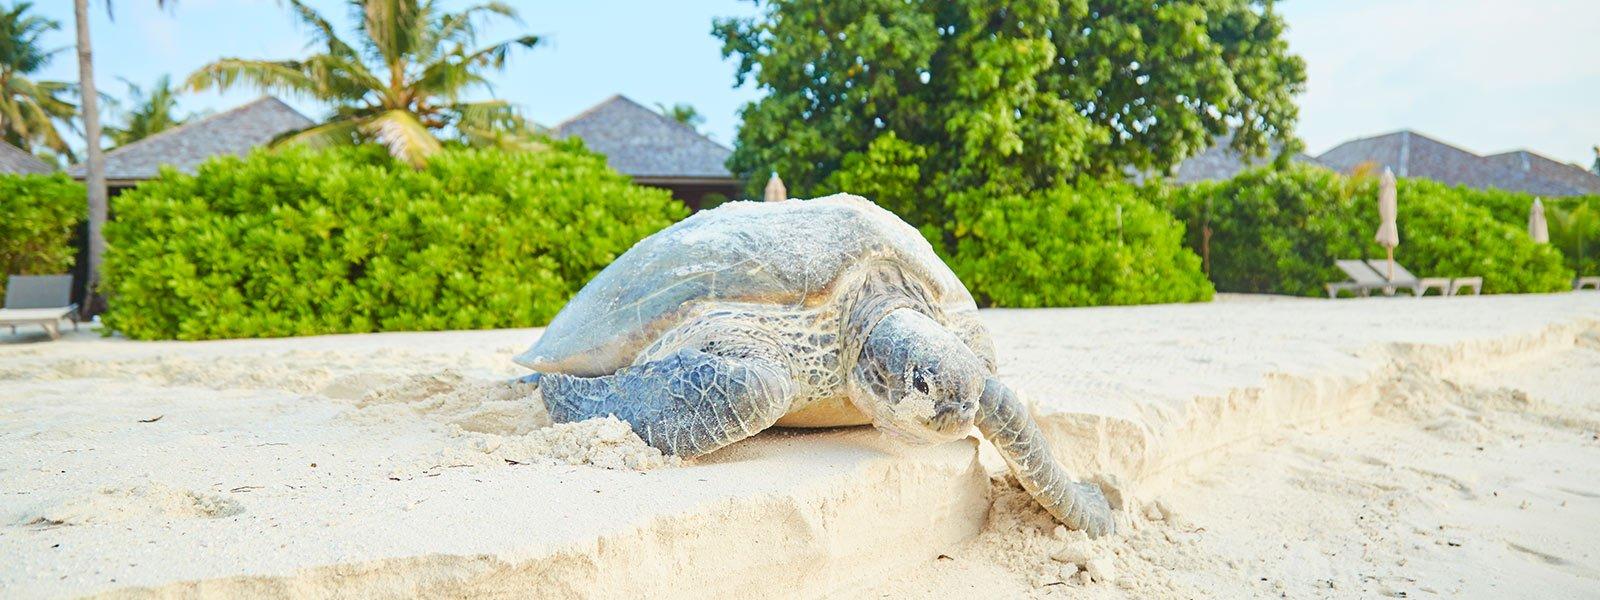 Green Sea Turtle nesting Maldives